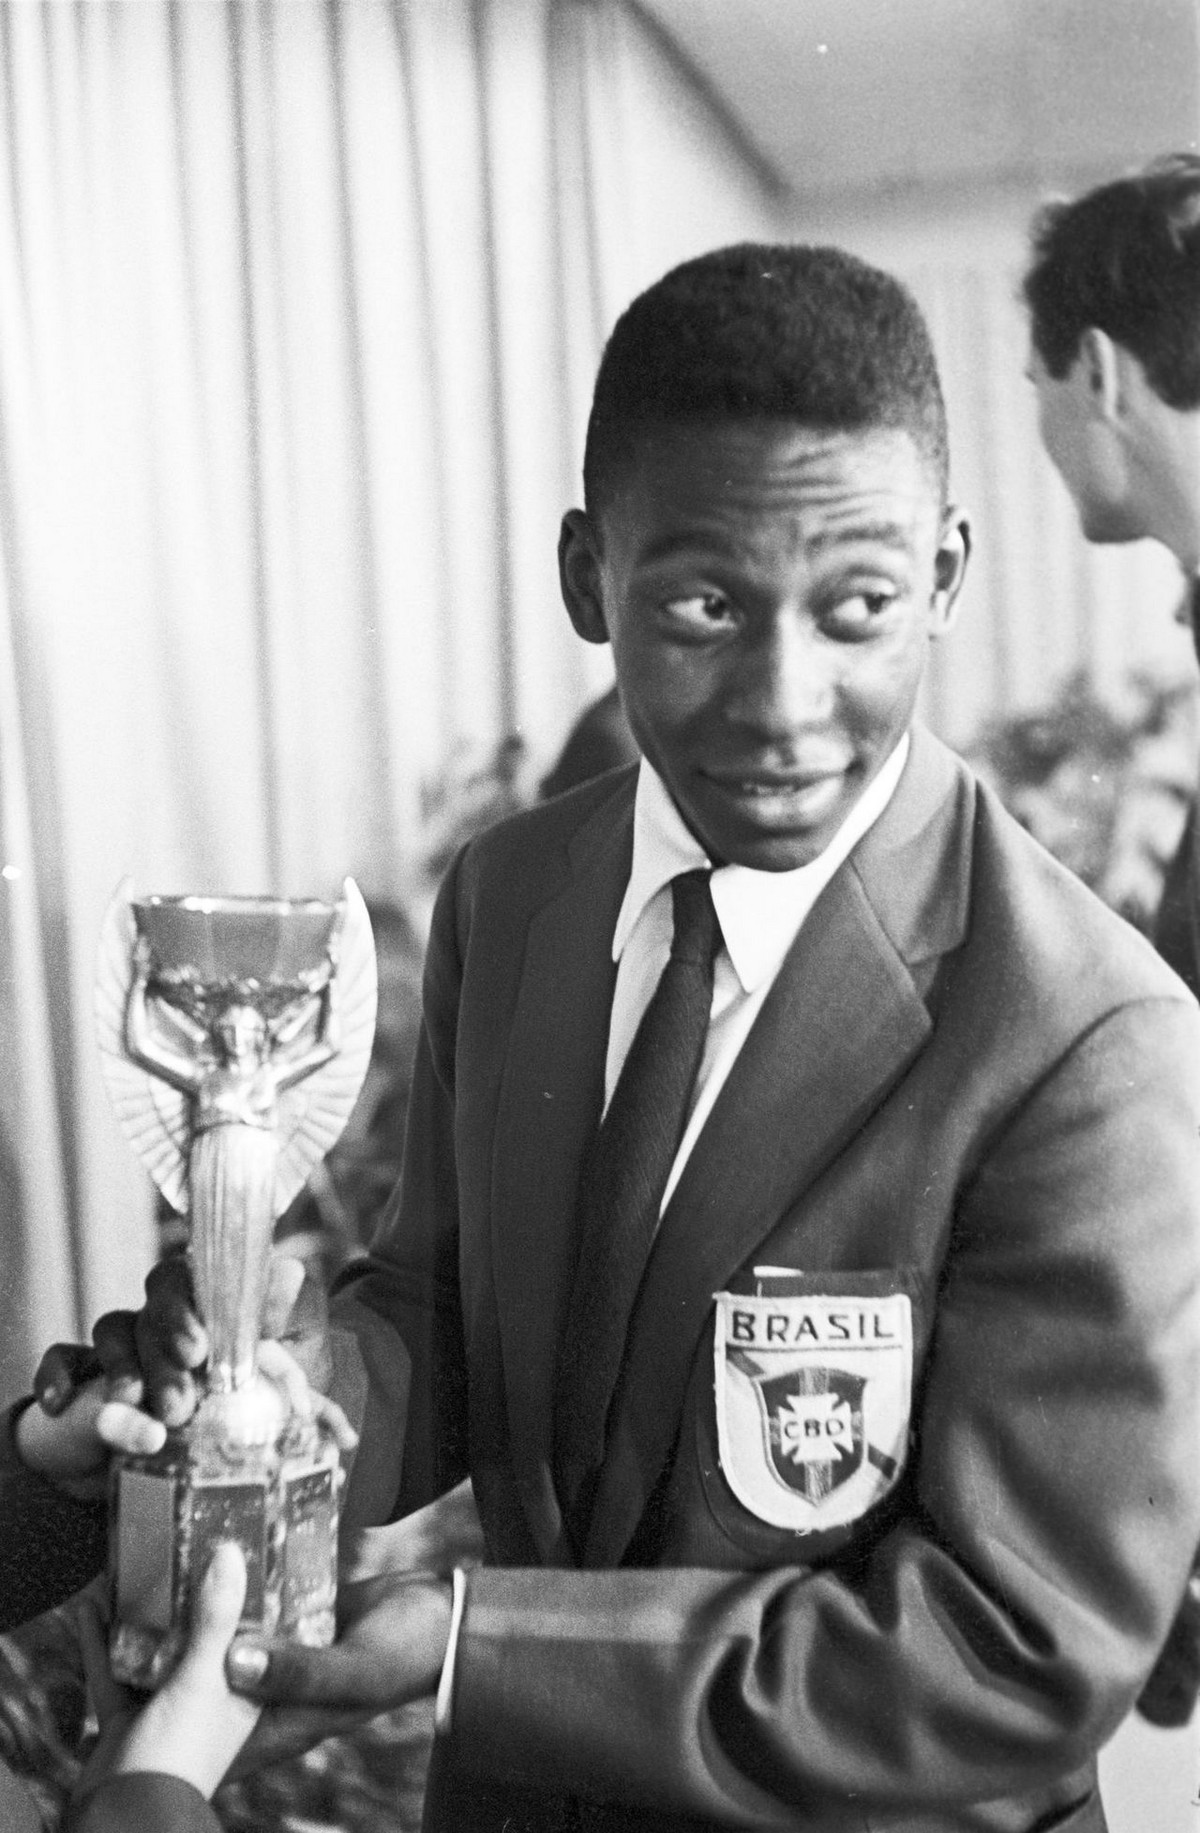 История Короля футбола: как Пеле стал звездой чемпионата мира 18